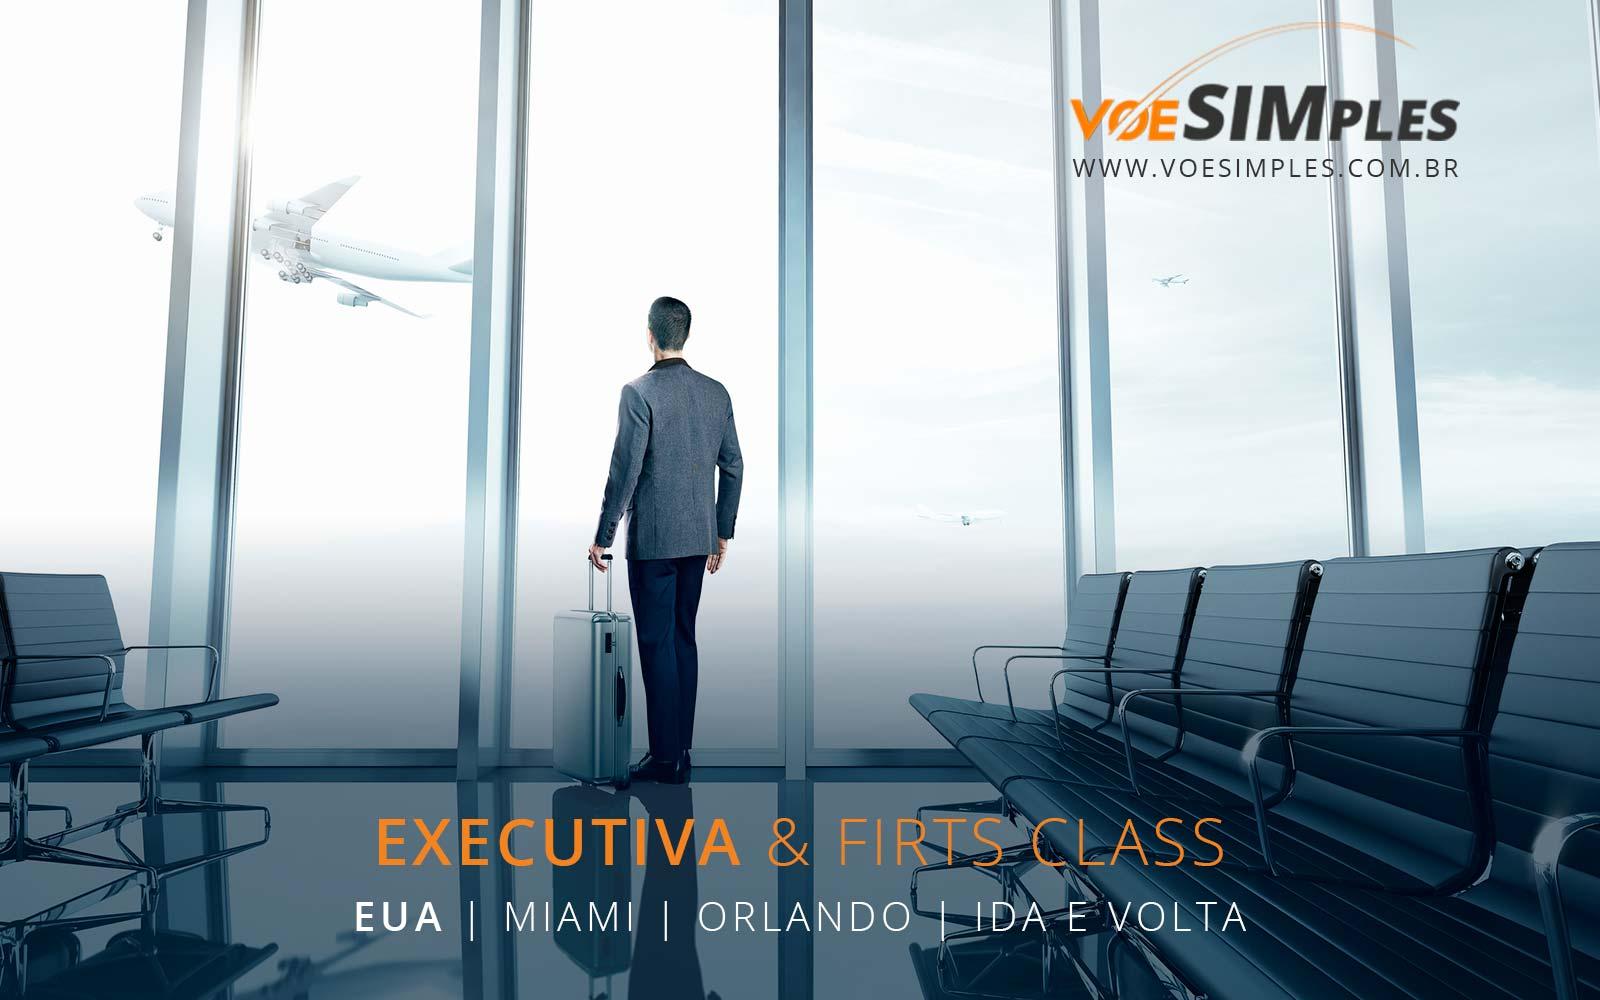 Passagem aérea promocional para Orlando e Miami